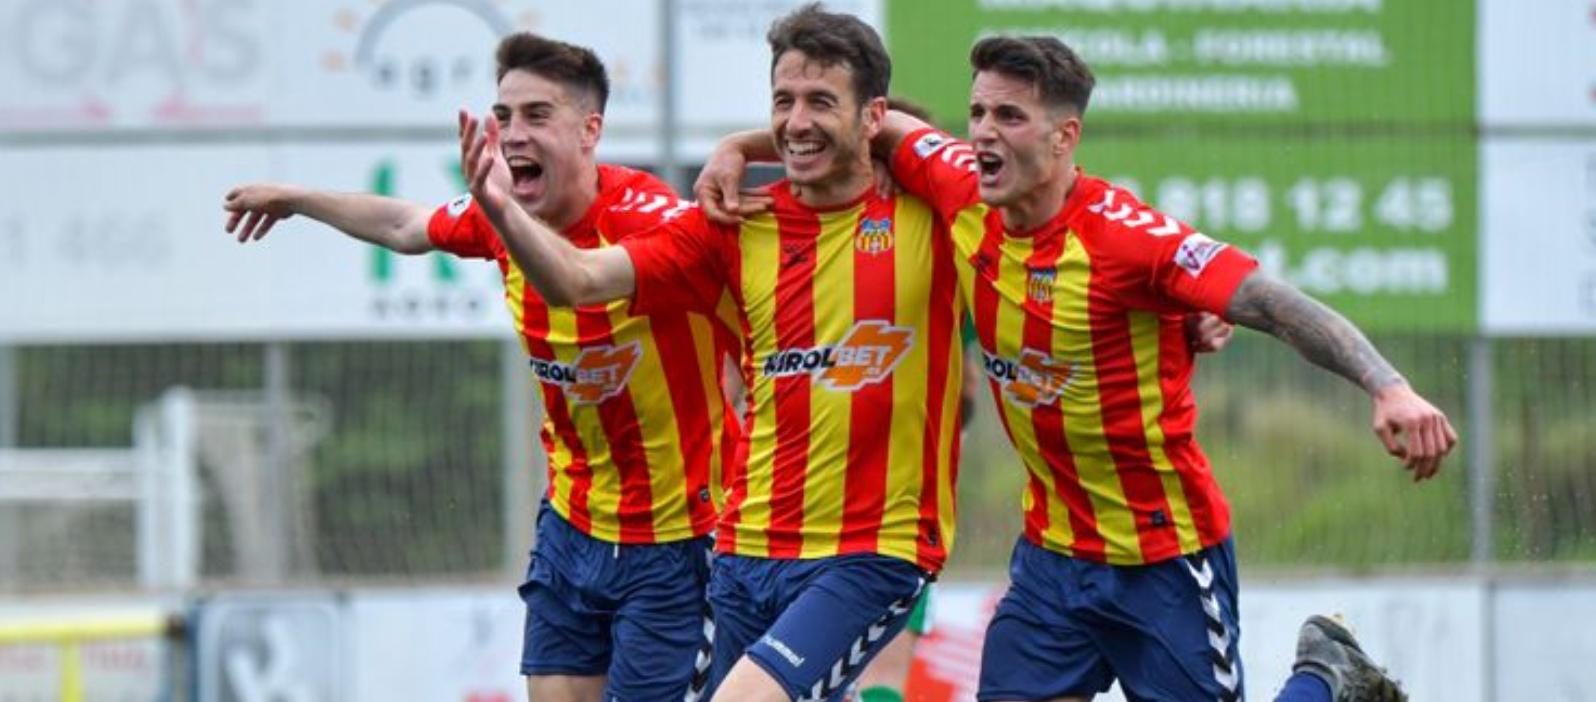 Resum i gols de la jornada 5 de la Segona Fase de Tercera Divisió (Grup 5)